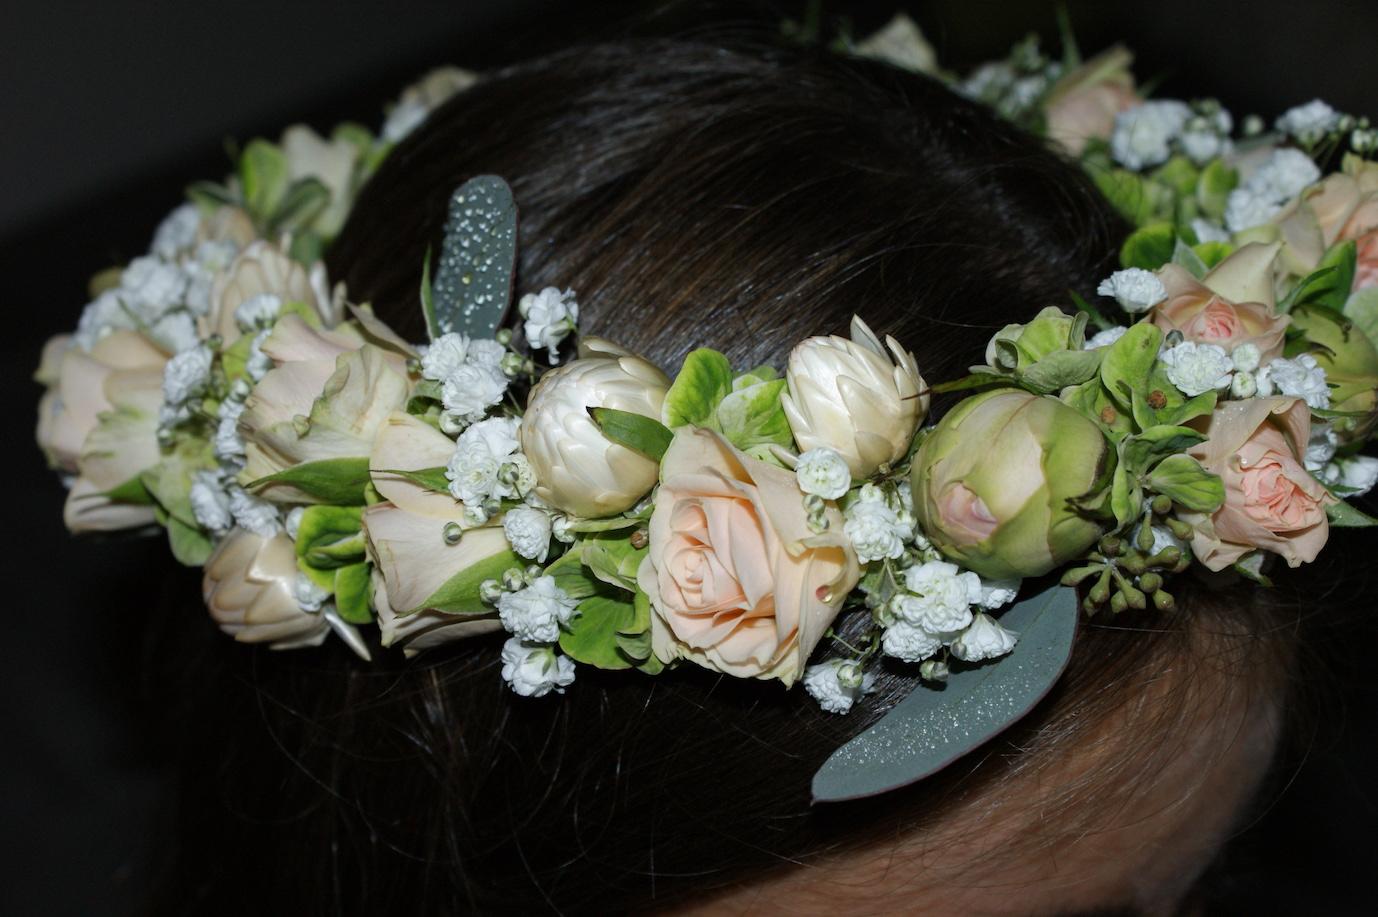 Hochzeit blumen kopfschmuck kranz rosen weiss rosa gruen for Raumgestaltung hochzeit